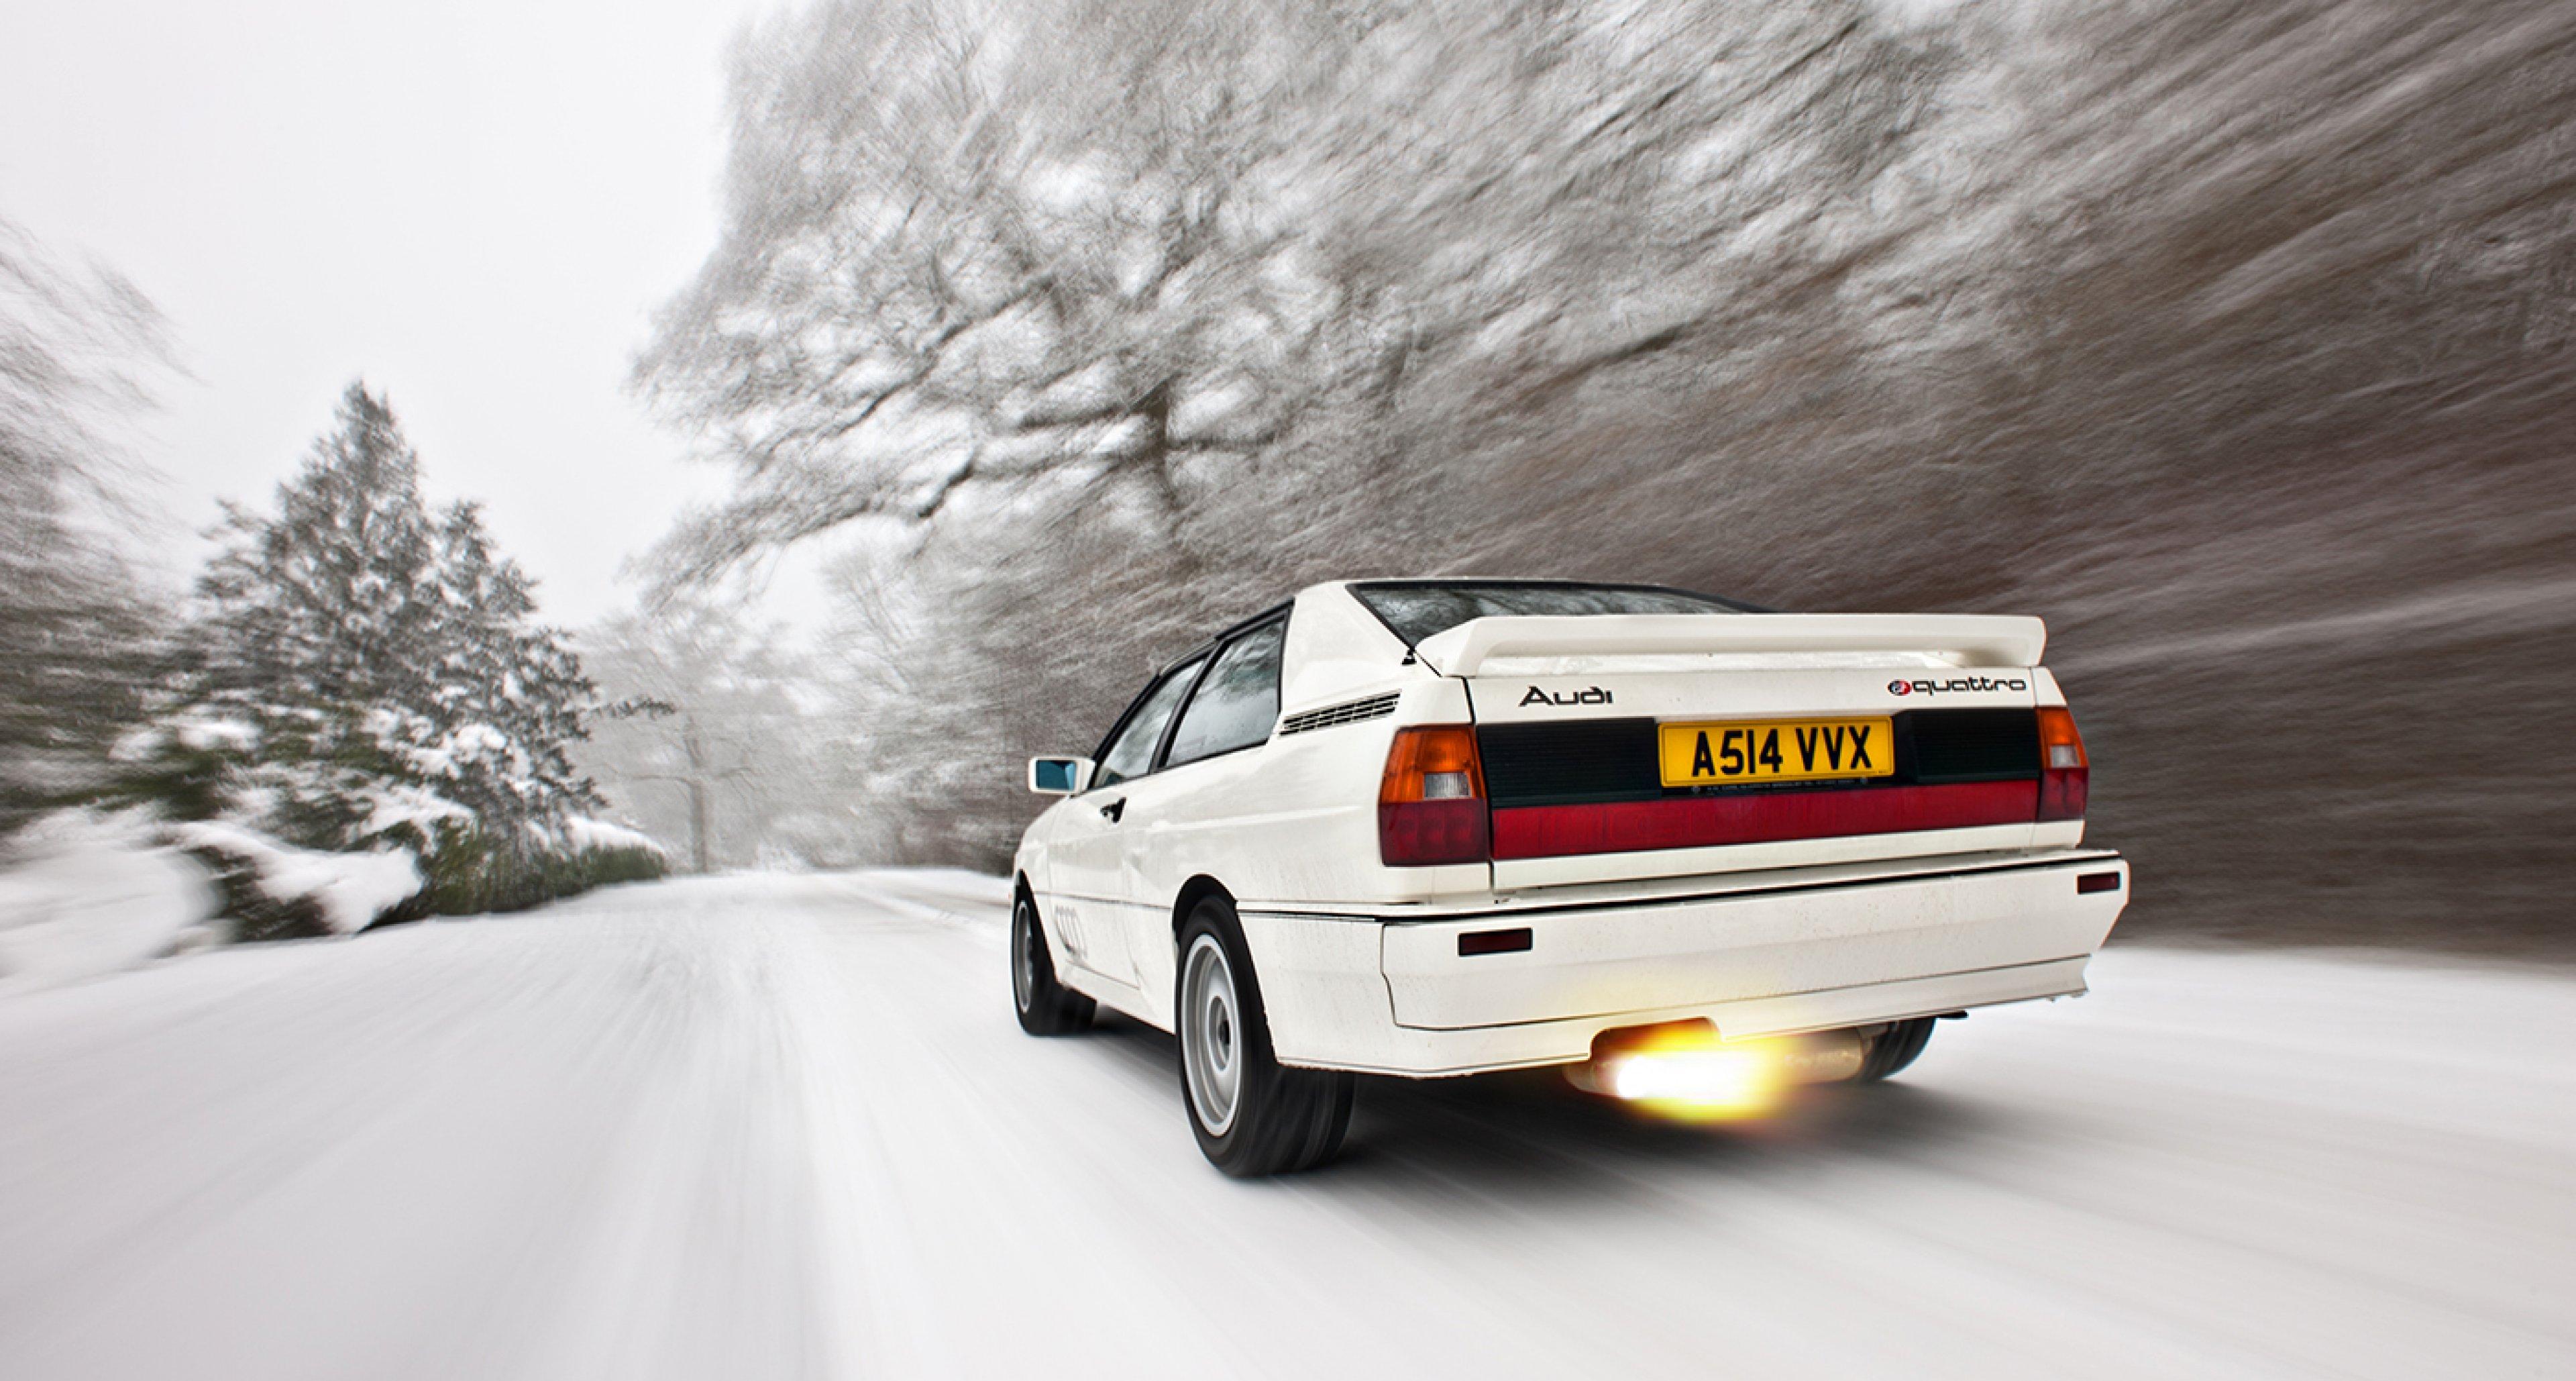 Cars We Love Audi Quattro Classic Driver Magazine - Audi quattro